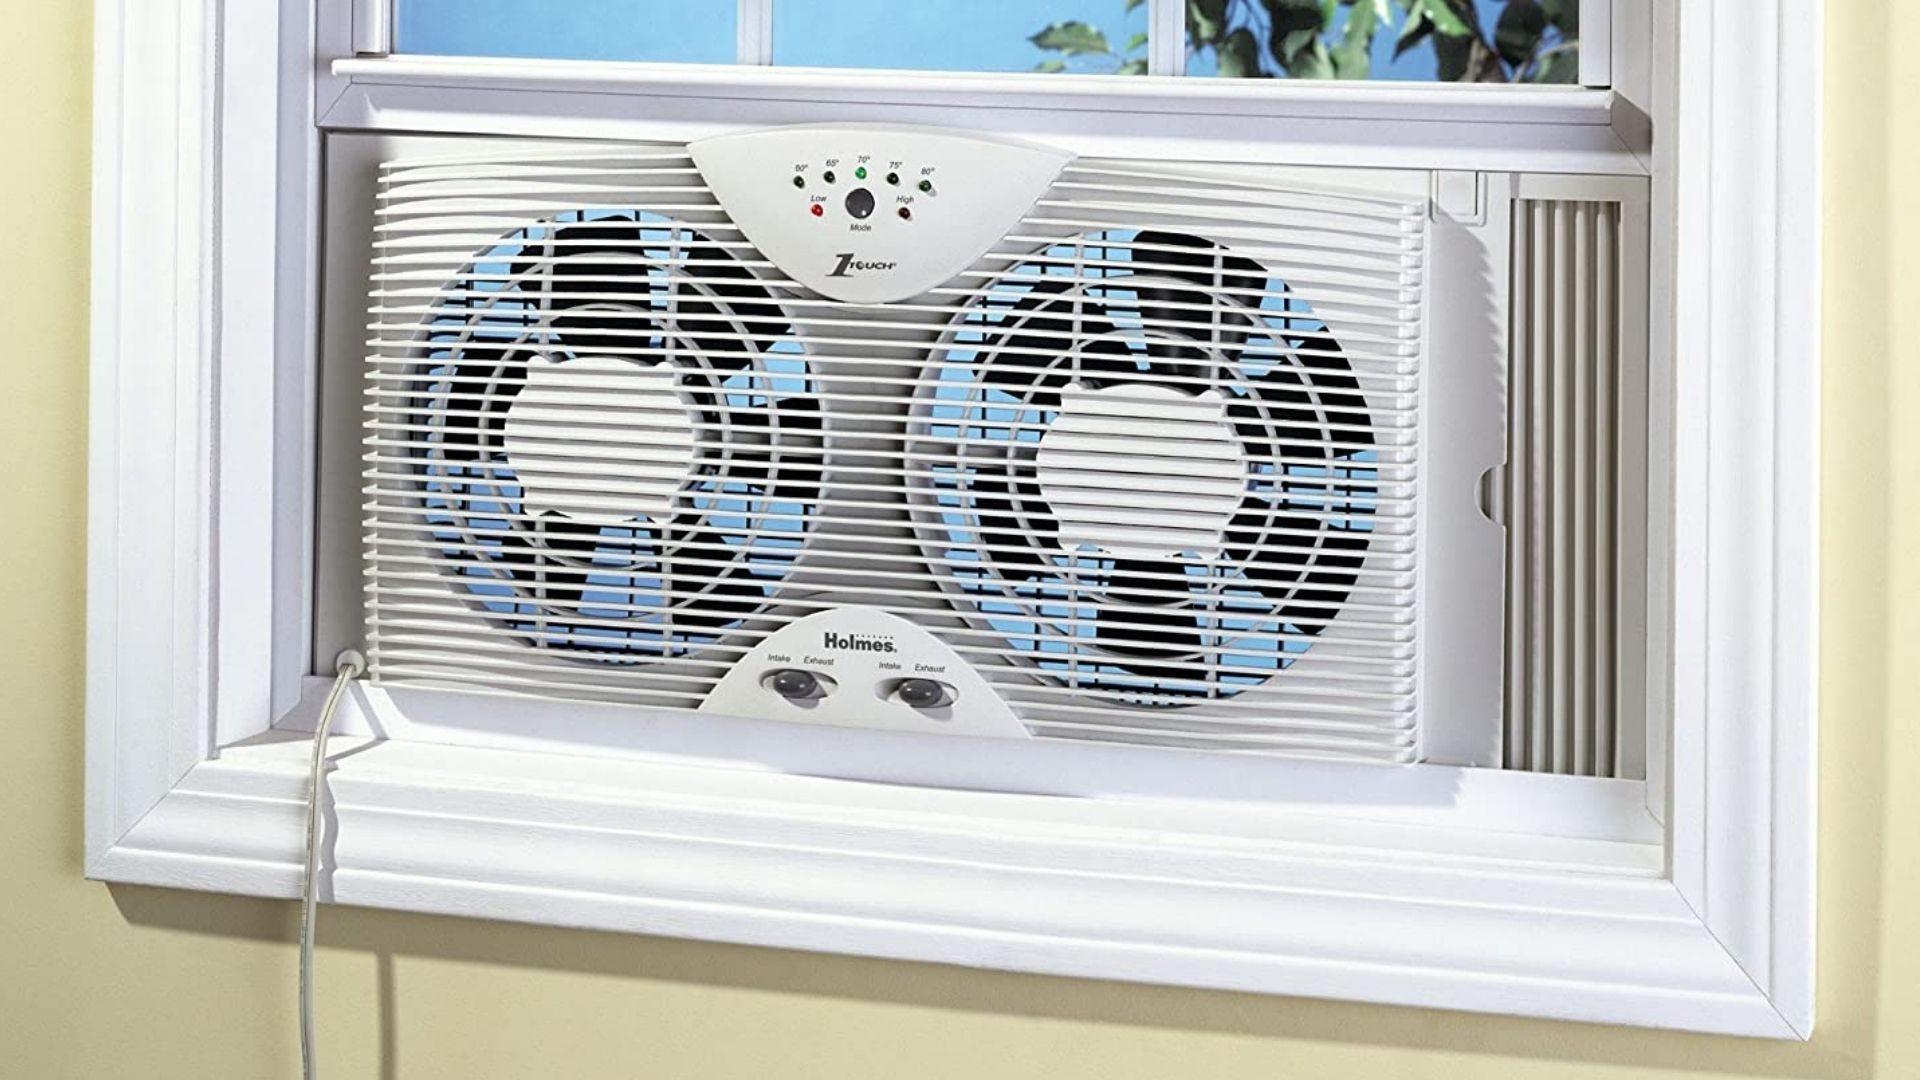 Оконный вентилятор сохраняет прохладу в доме в солнечный день.